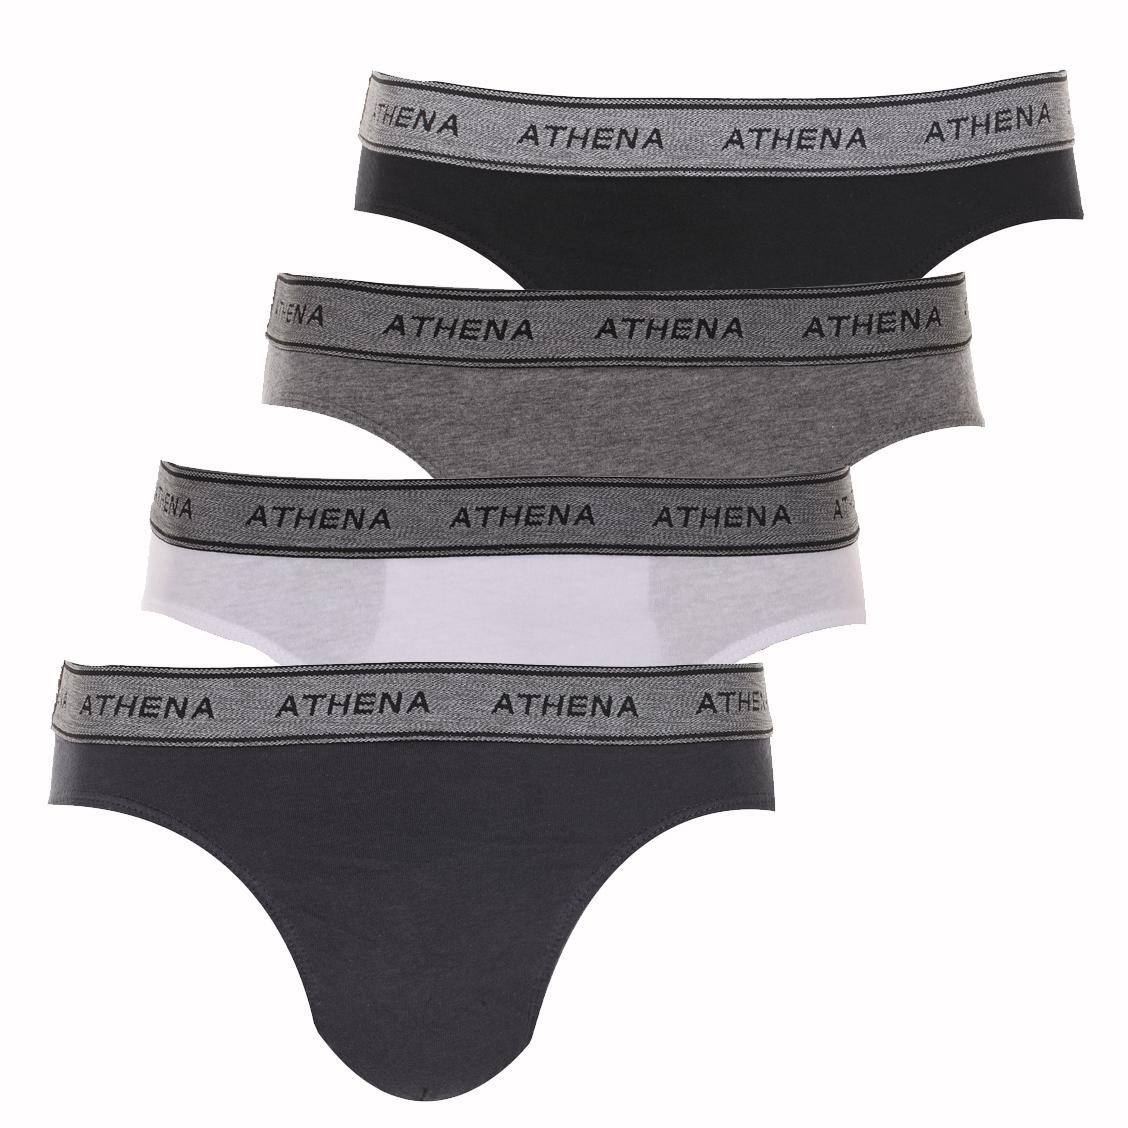 Lot de 4 slips taille basse Athena en coton, ceintures élastiquées